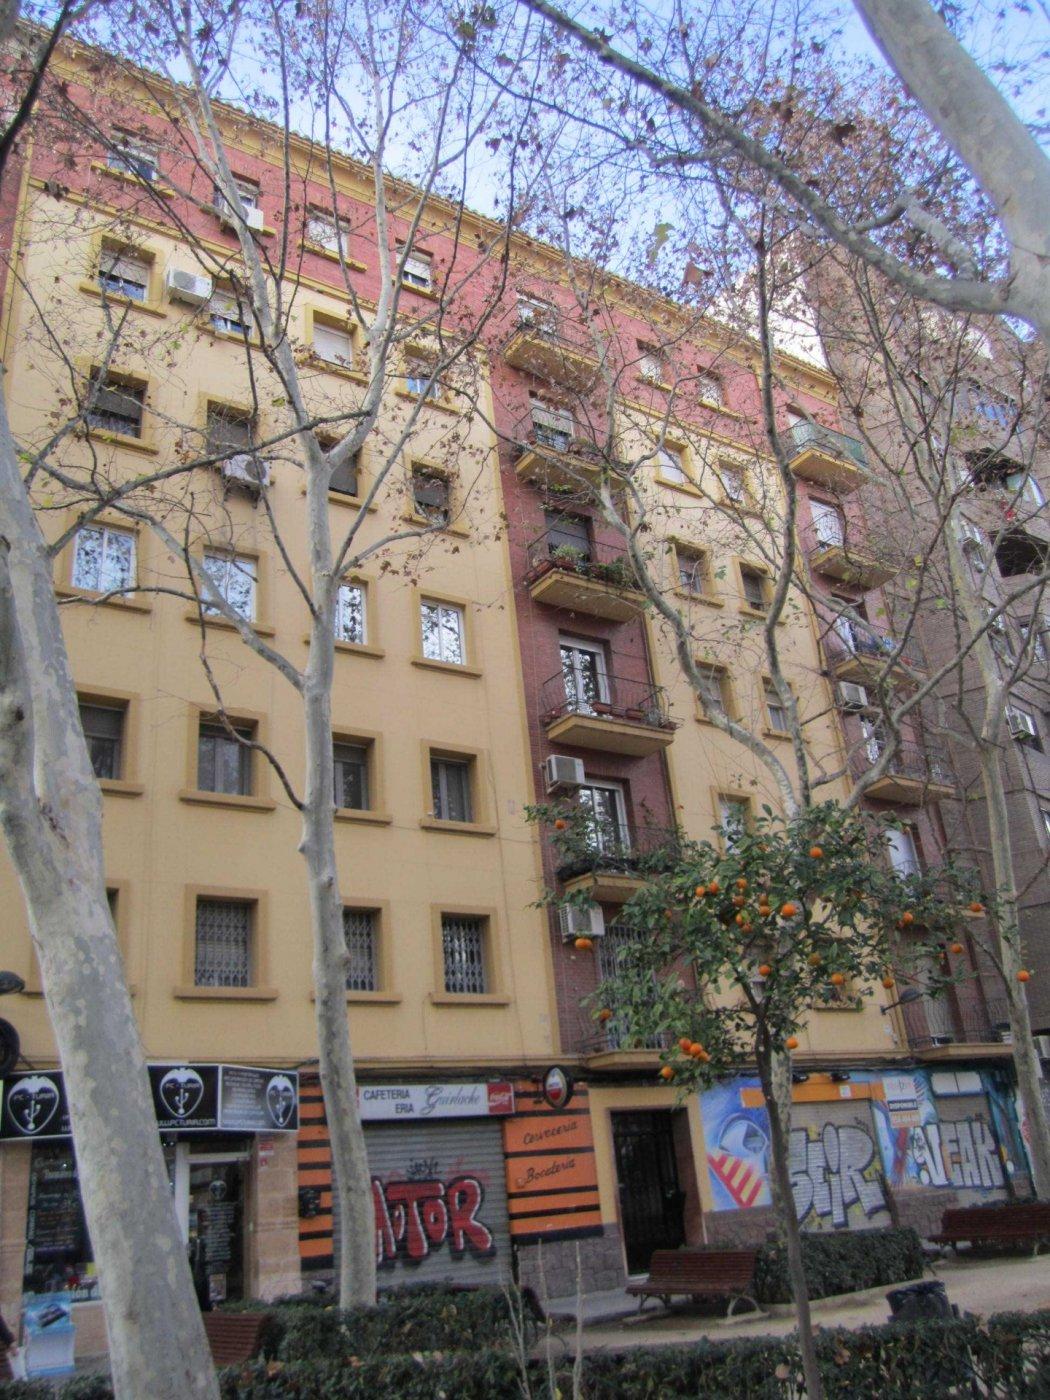 Nuevo piso en venta en calle primado reig - imagenInmueble0